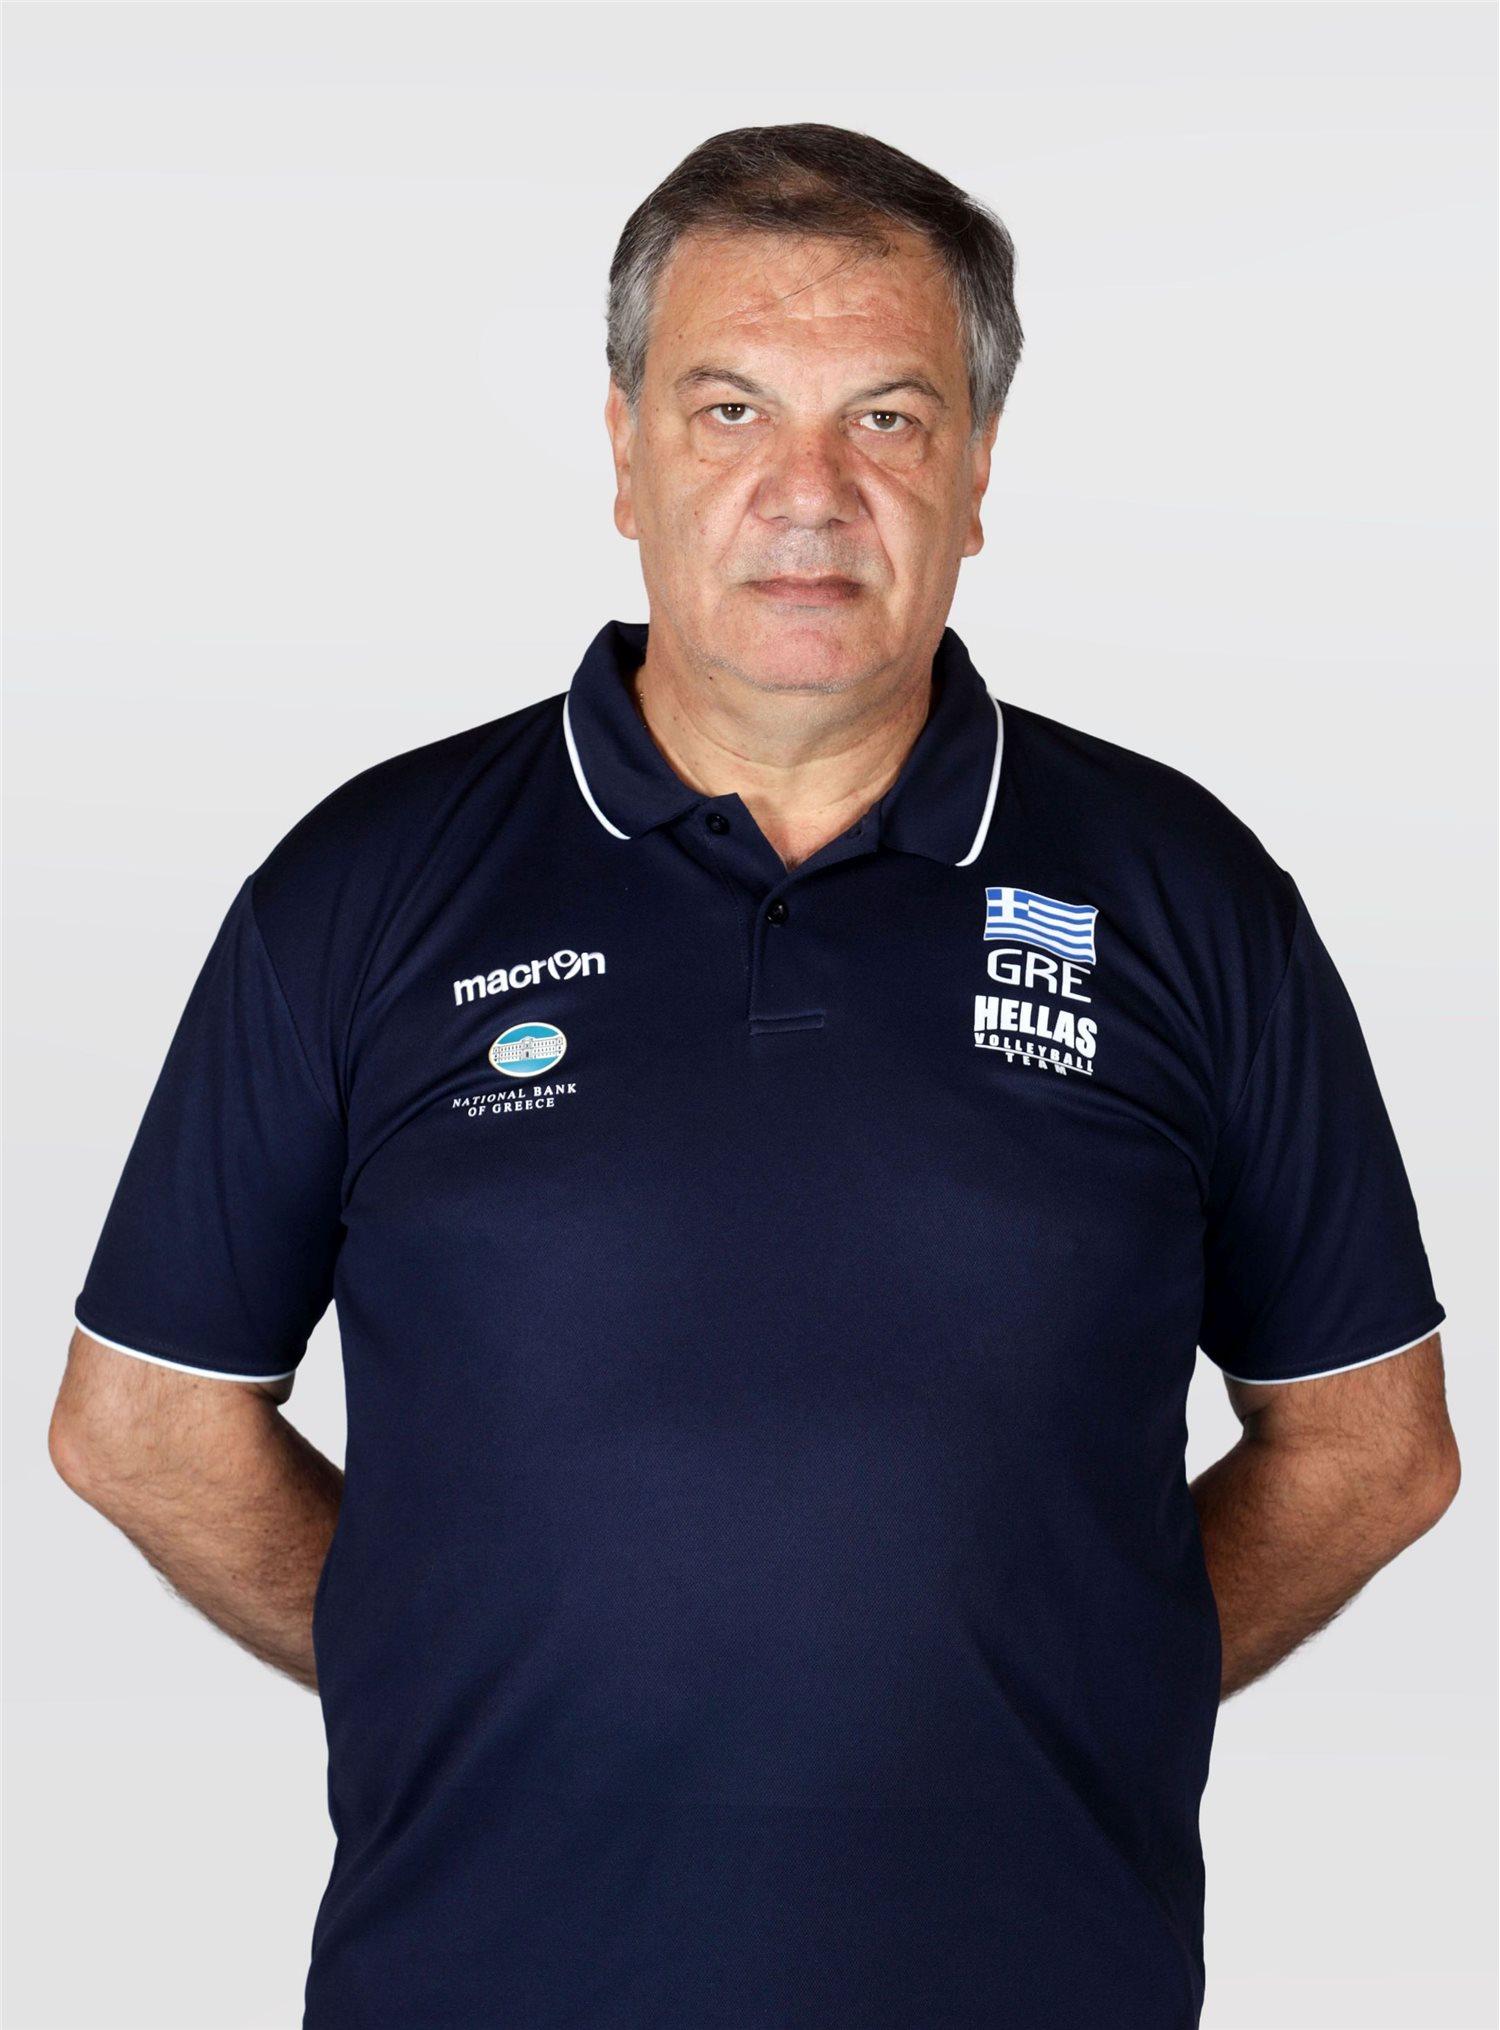 Περόπουλος Βαγγέλης